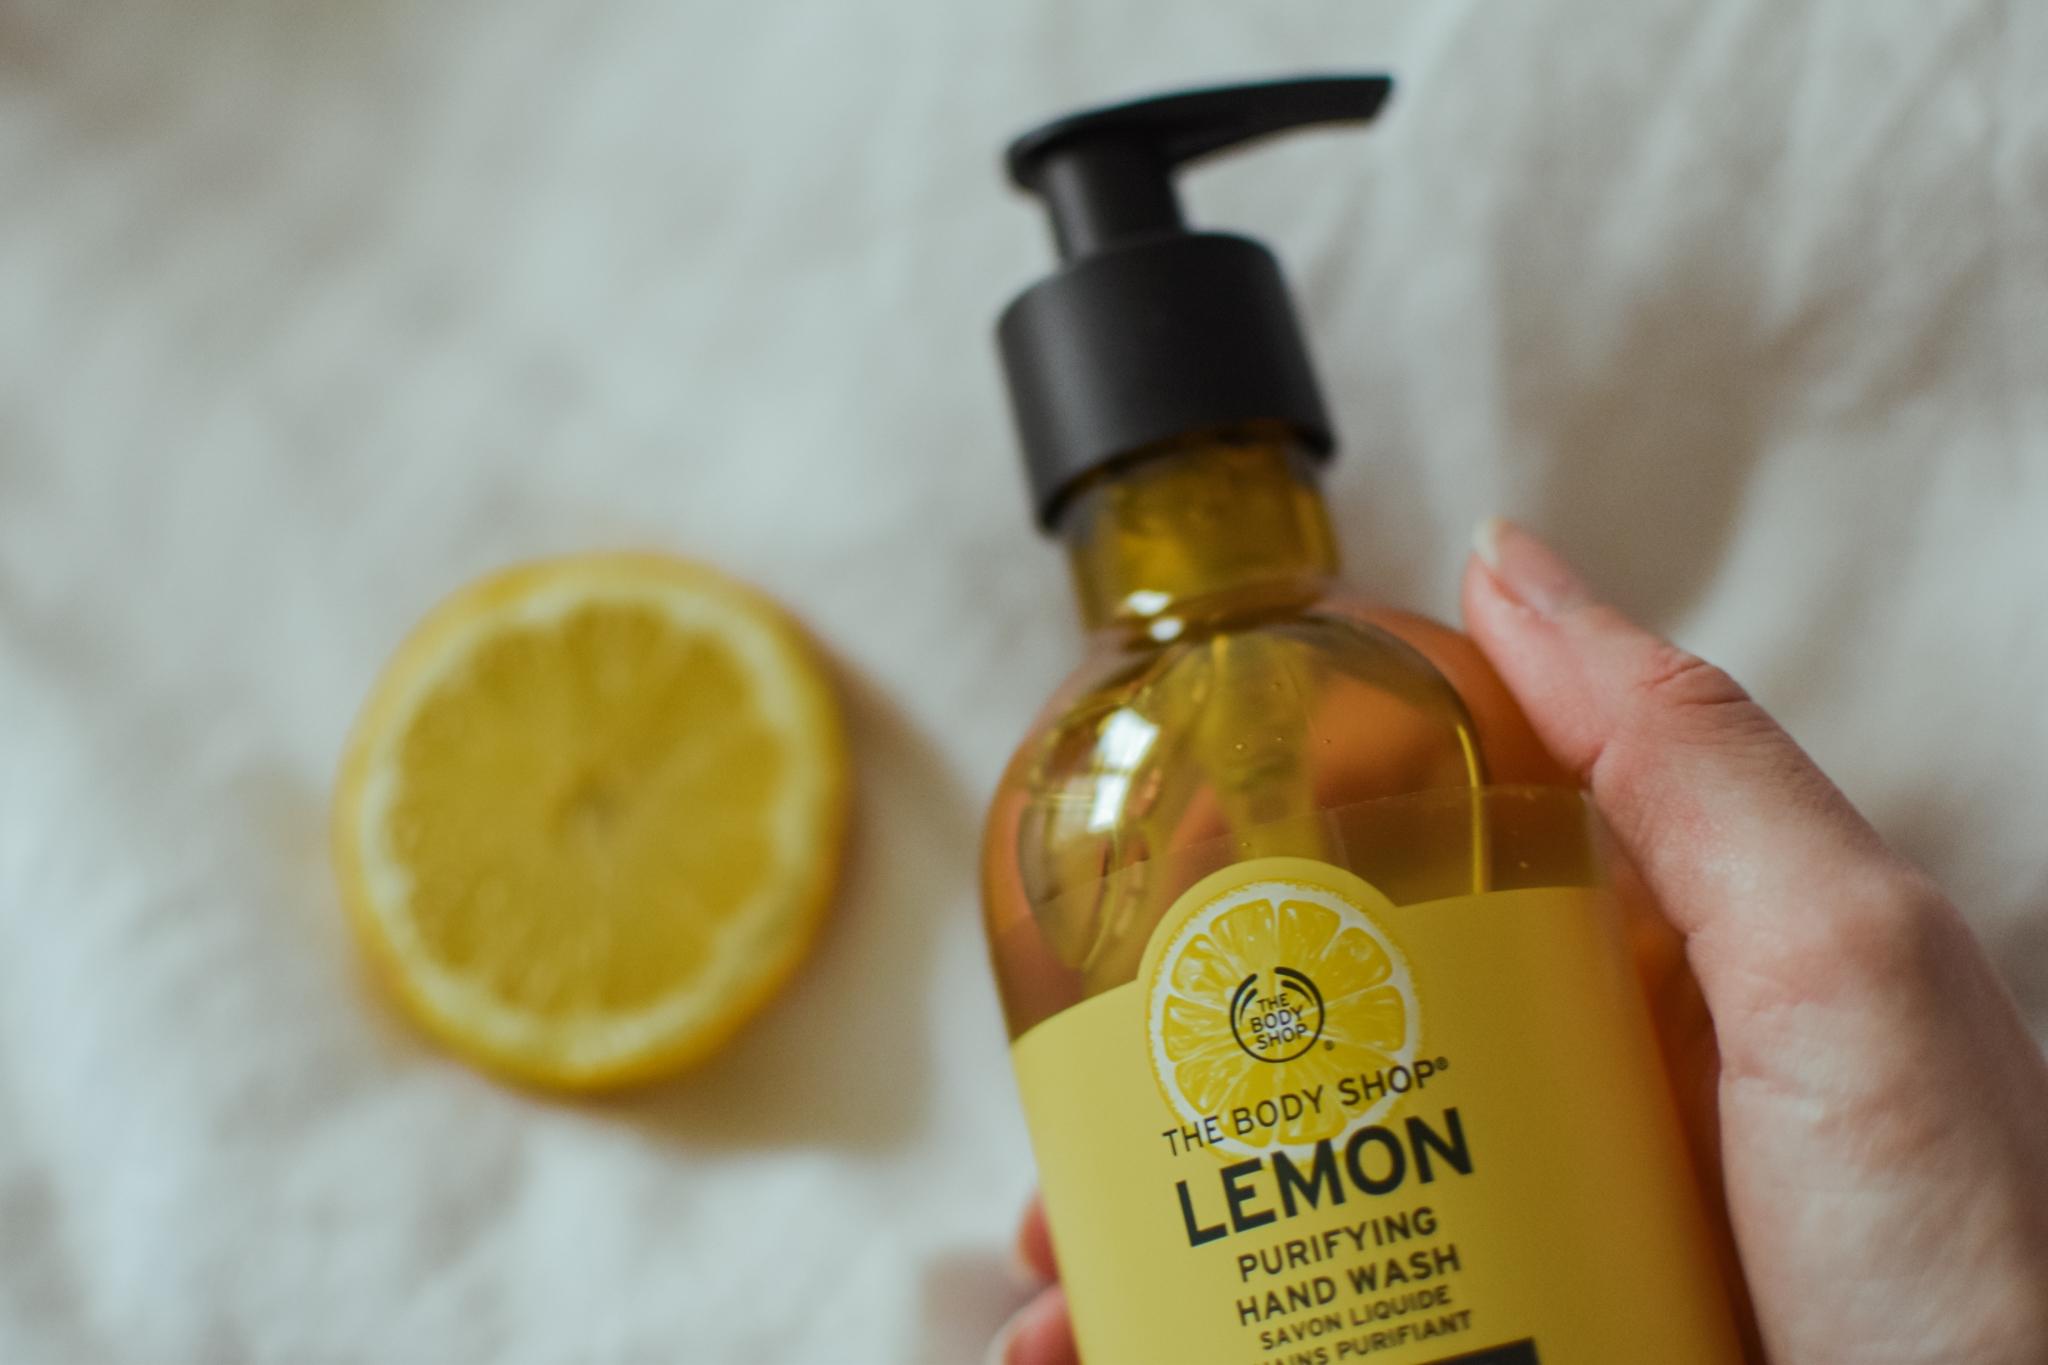 The Body Shop - Lemon Purifying Handwaschlotion